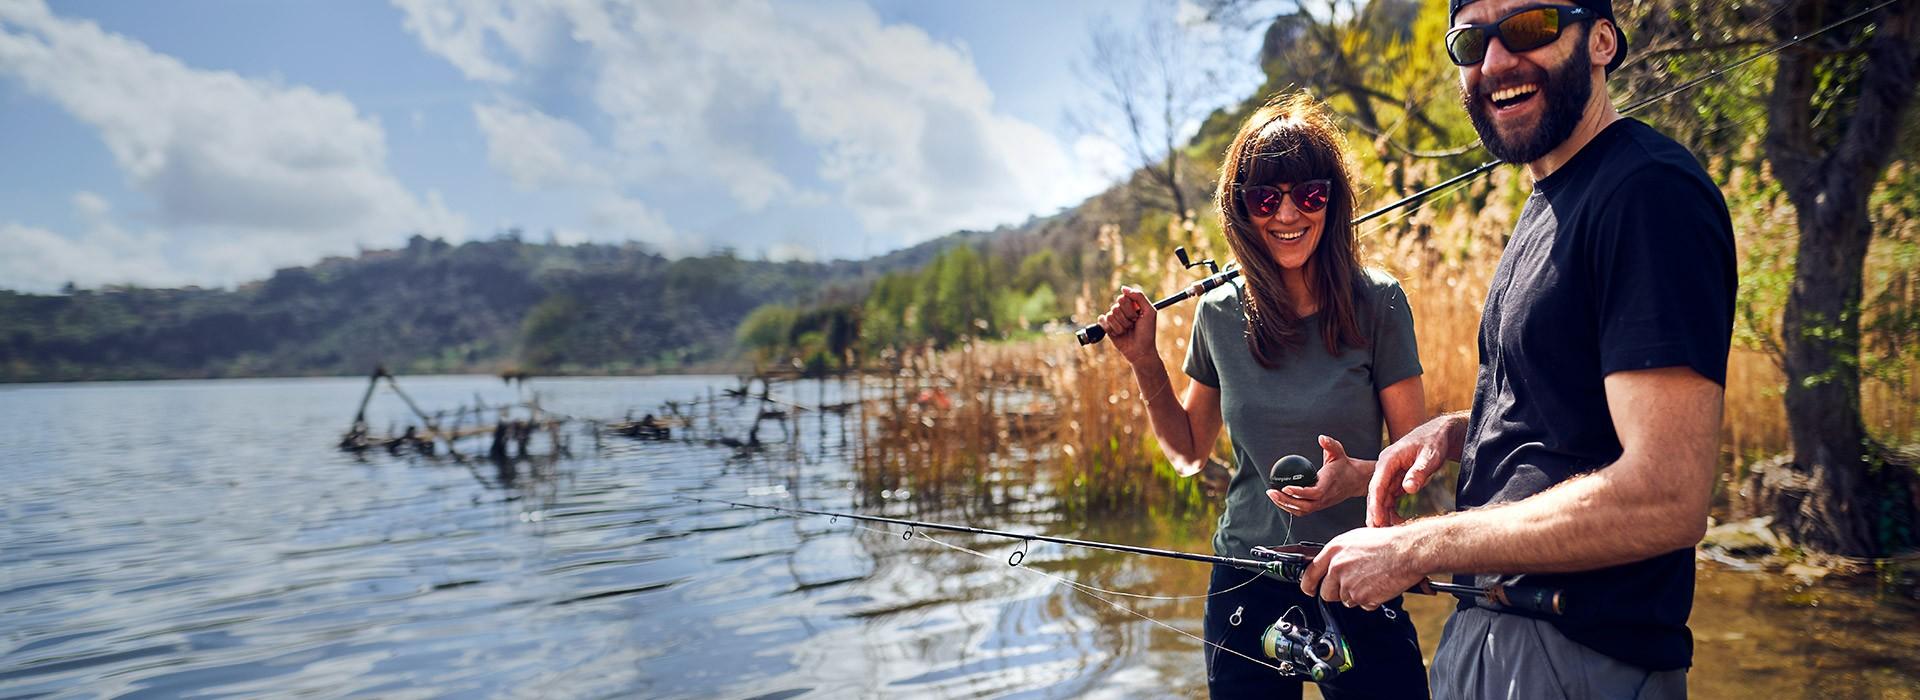 Pak uw vishengel en geniet van de natuur in Nederland!Deeper-Sonar vanaf € 189,99